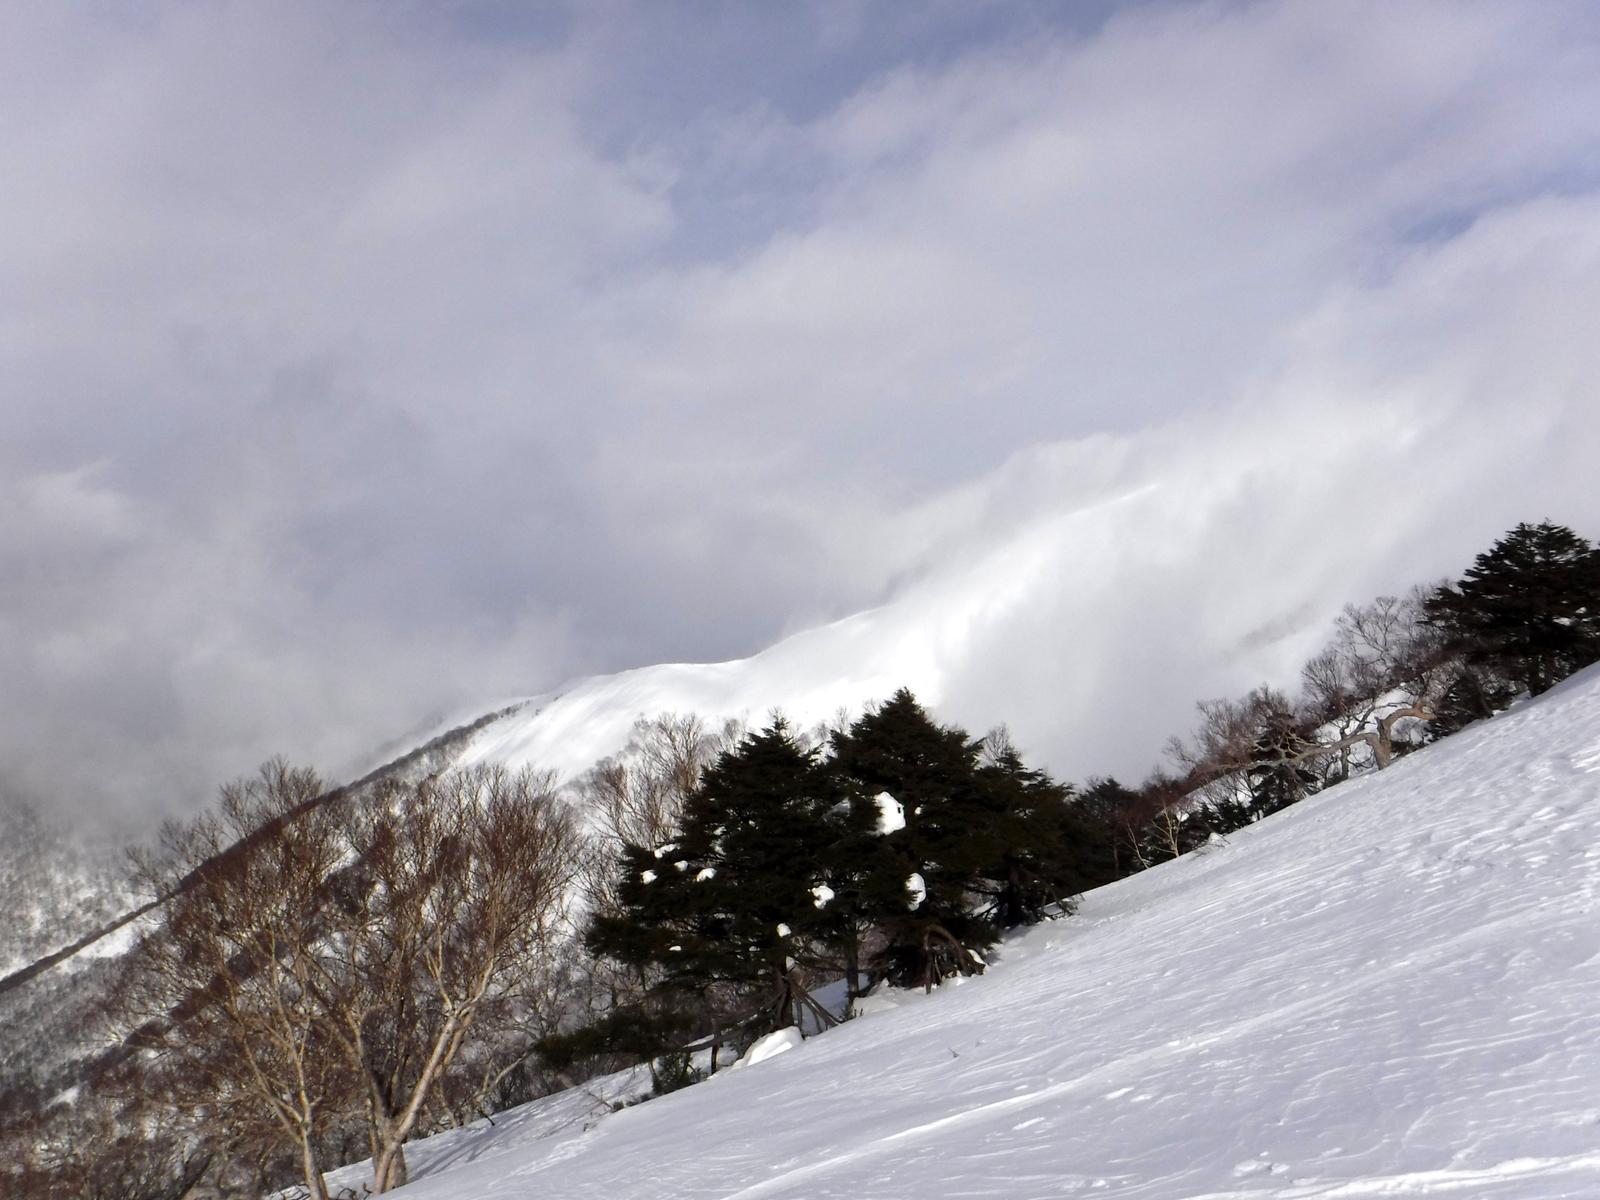 9:50 北側の稜線から雲に覆われてきた、風は弱い